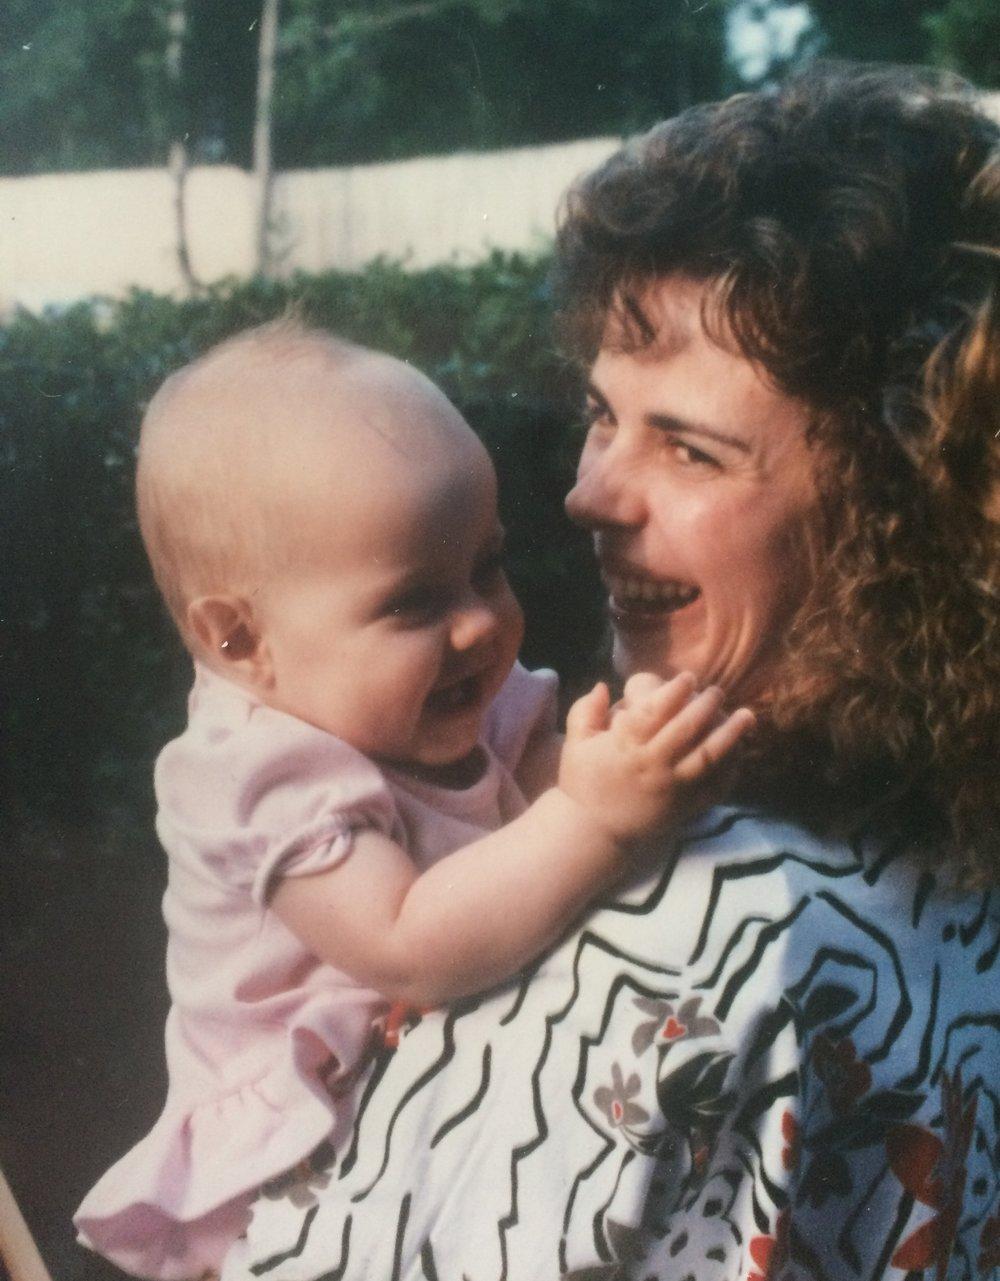 My Mama and I, 27 years ago